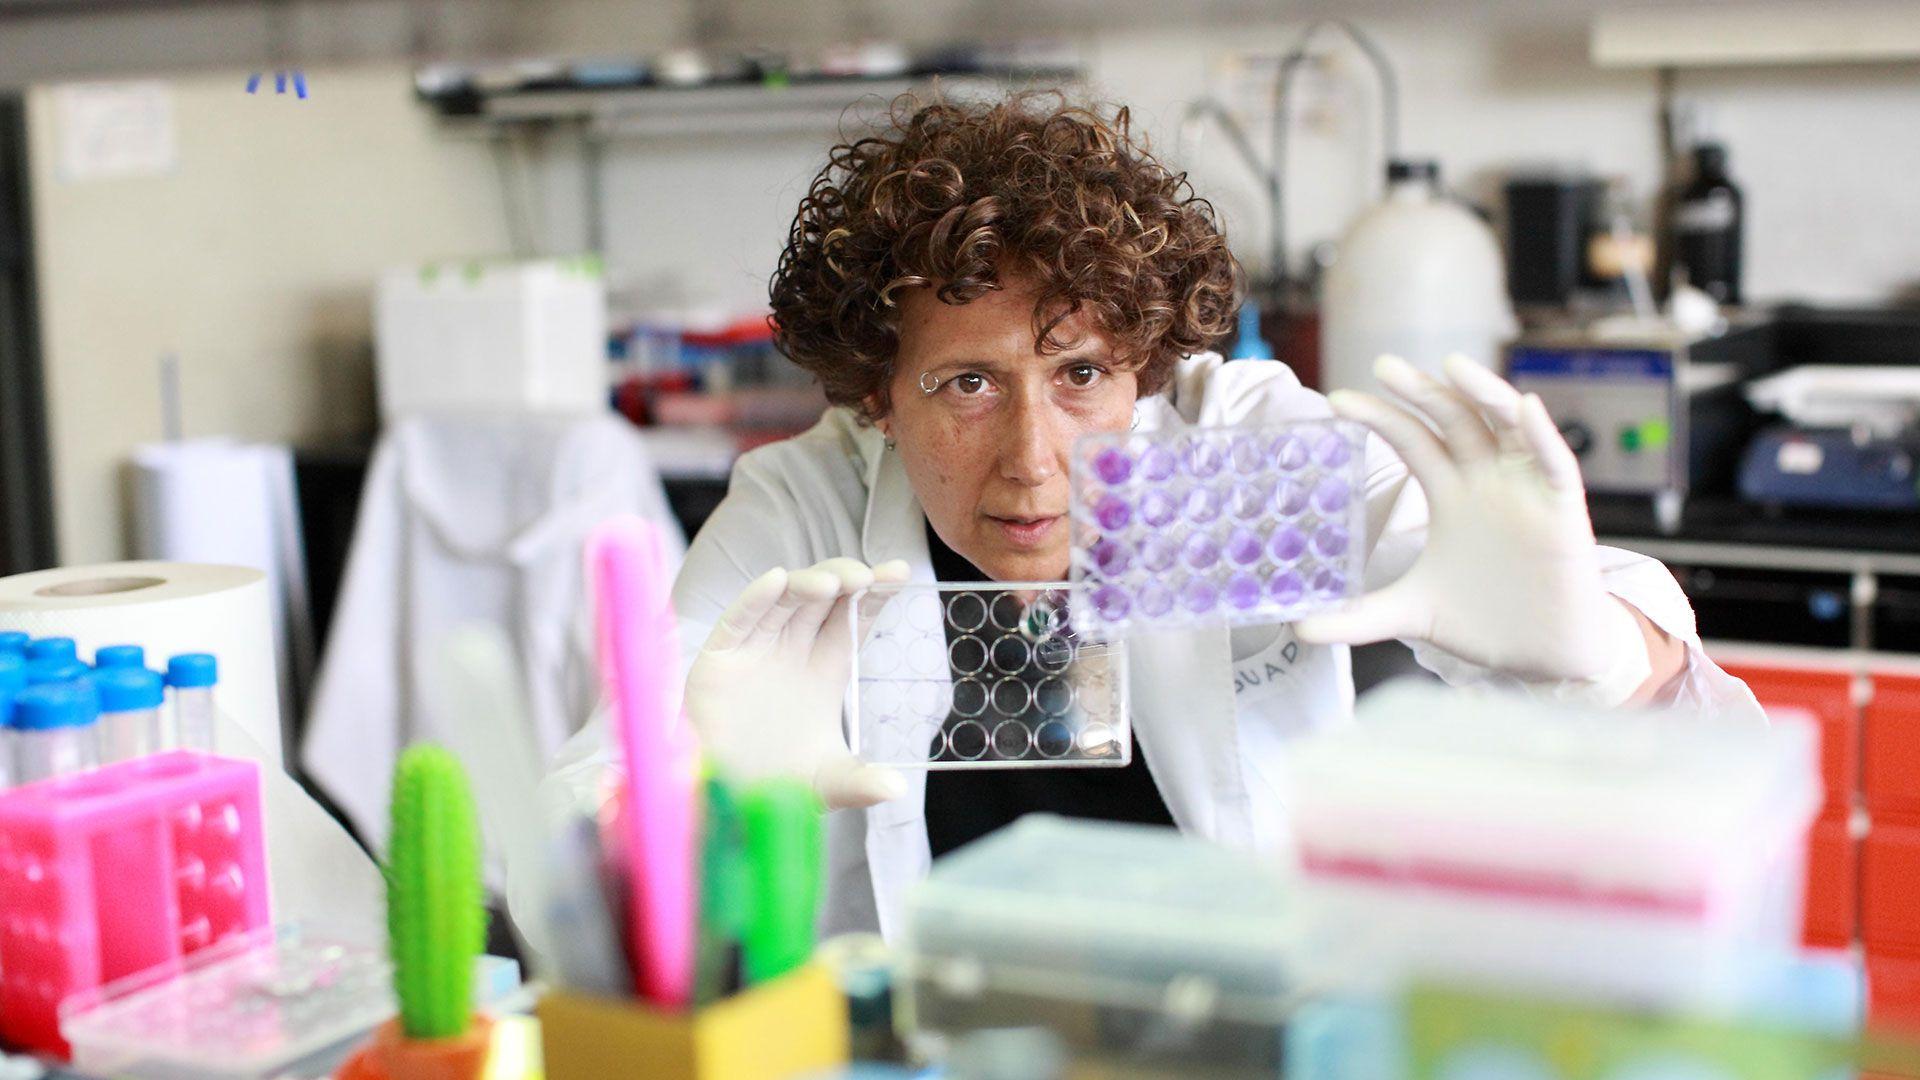 """Andrea Gamarnik, de la Fundación Instituto Leloir, es una de las científicas que investigó qué pasa con la vacuna Sputnik V en Argentina. Los resultados """"muestran que la respuesta humoral de memoria de personas previamente expuestas al virus es robusta y parecería ser superior a la desarrollada después de dos dosis en personas que no se enfrentaron con el virus previamente"""", afirmó Gamarnik. /Mauro Roll"""